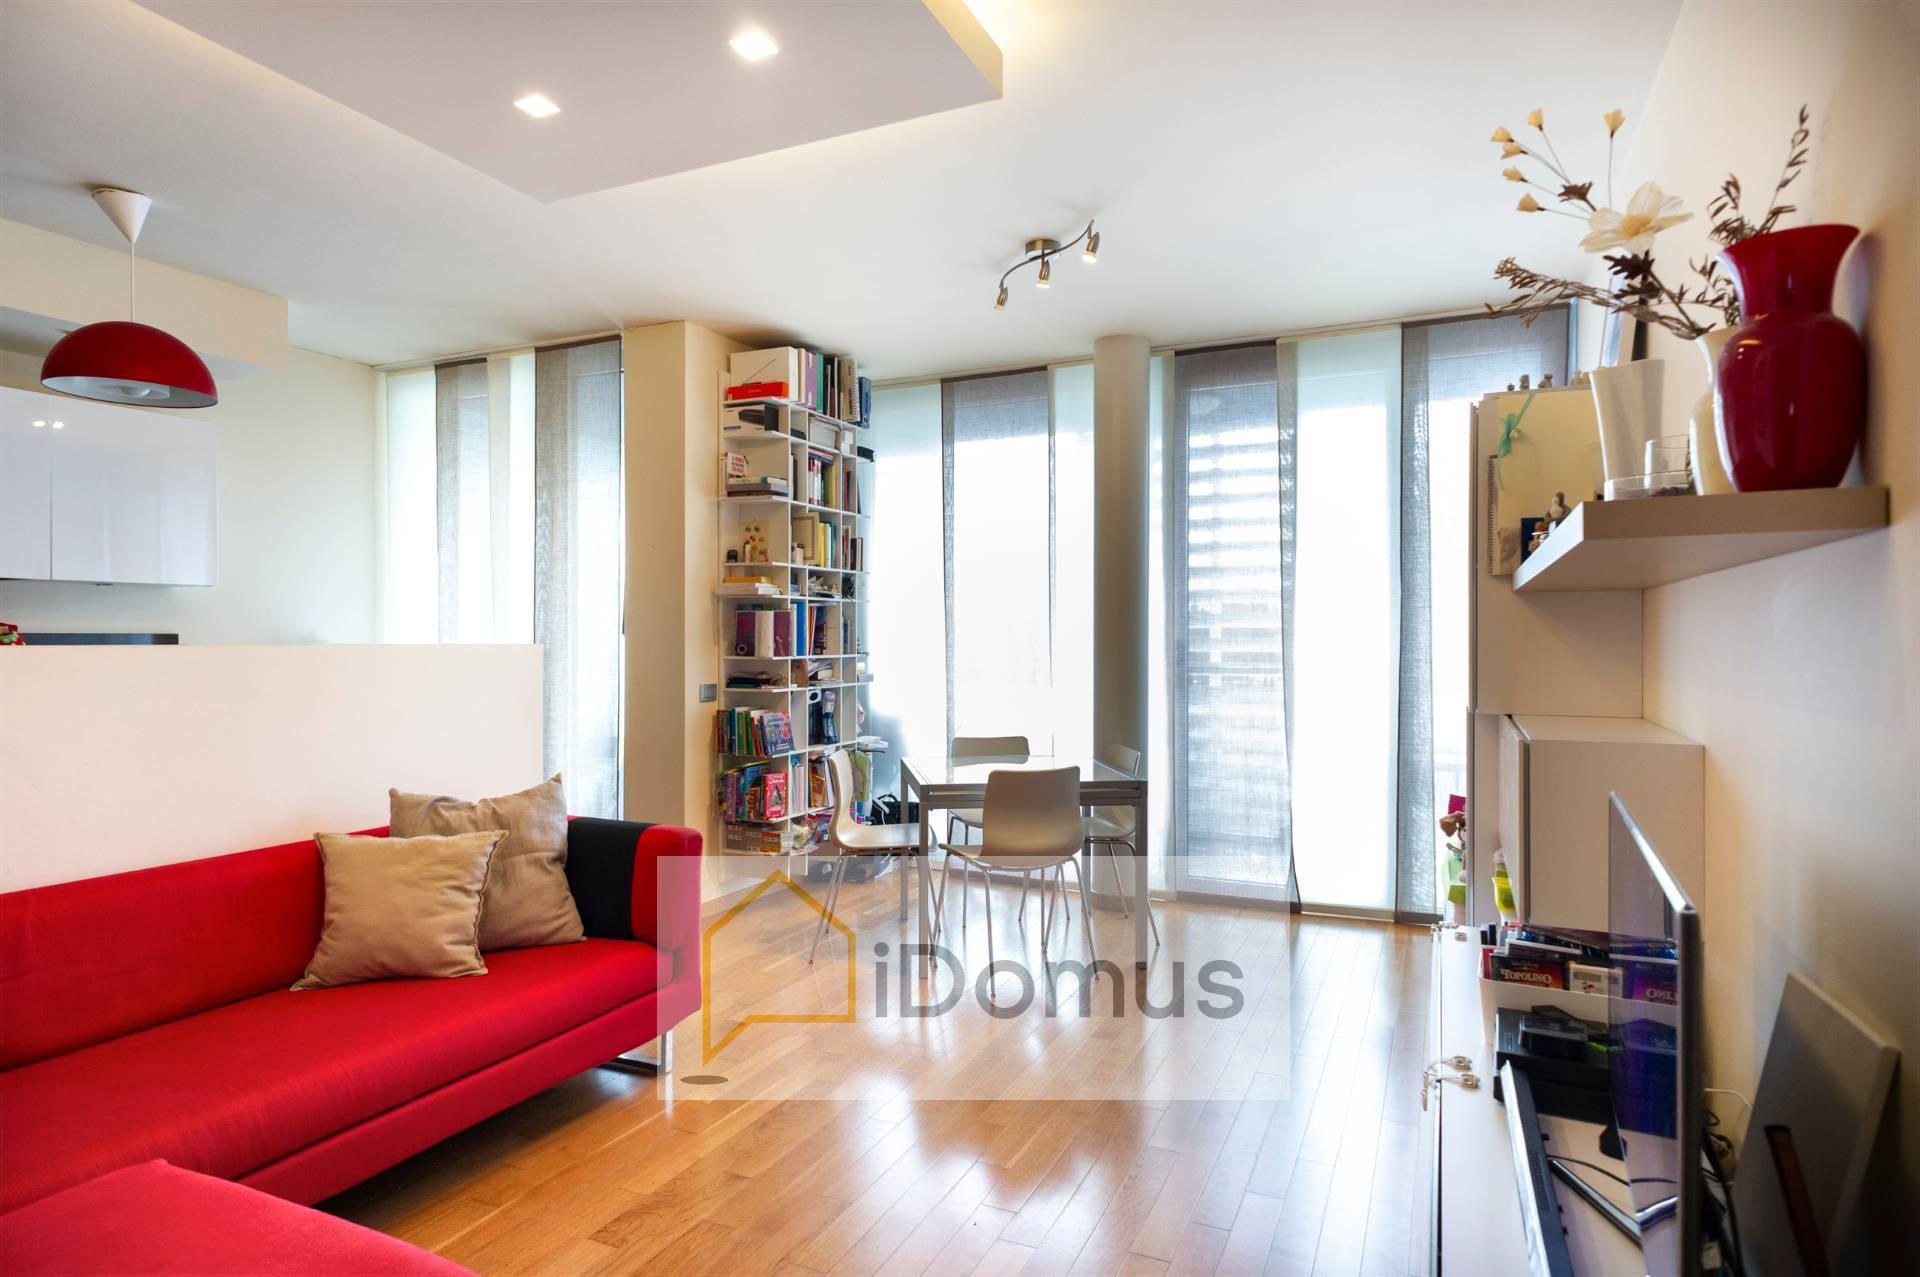 Appartamento in vendita a Pisa, 3 locali, zona Zona: Cisanello, prezzo € 240.000 | CambioCasa.it